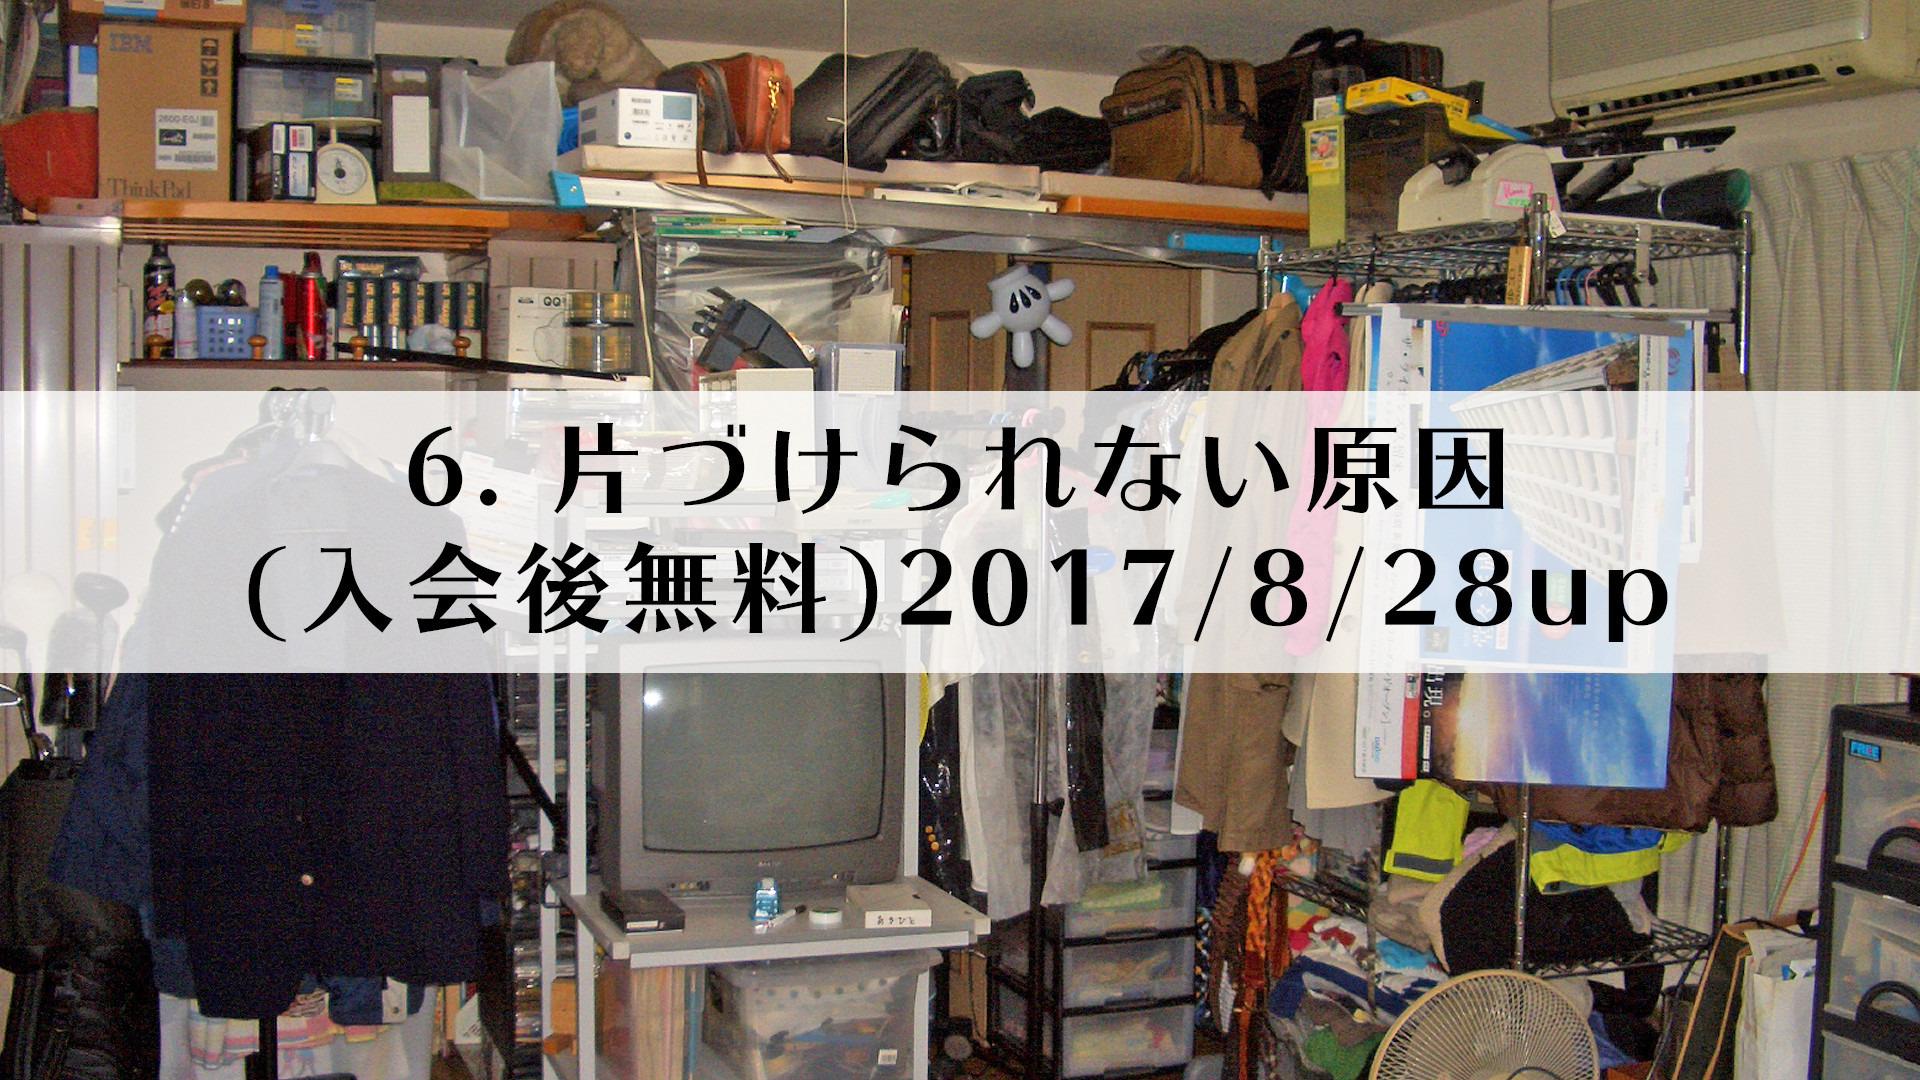 6.片づけられない原因(入会後無料)2017/8/28up